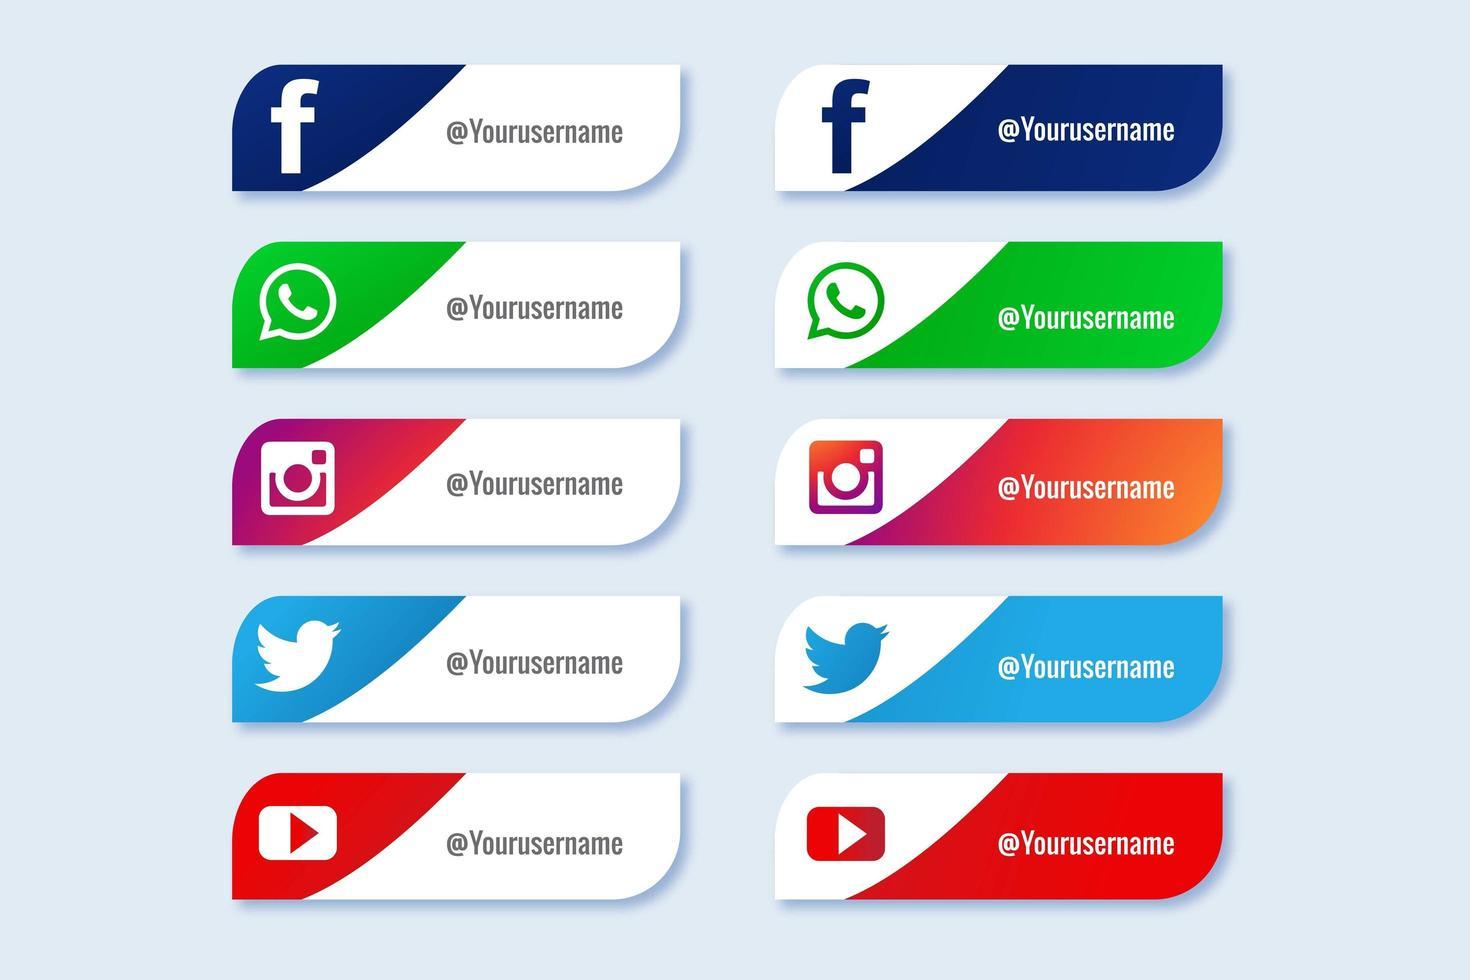 populära sociala medier lägre tredje ikonuppsättning vektor